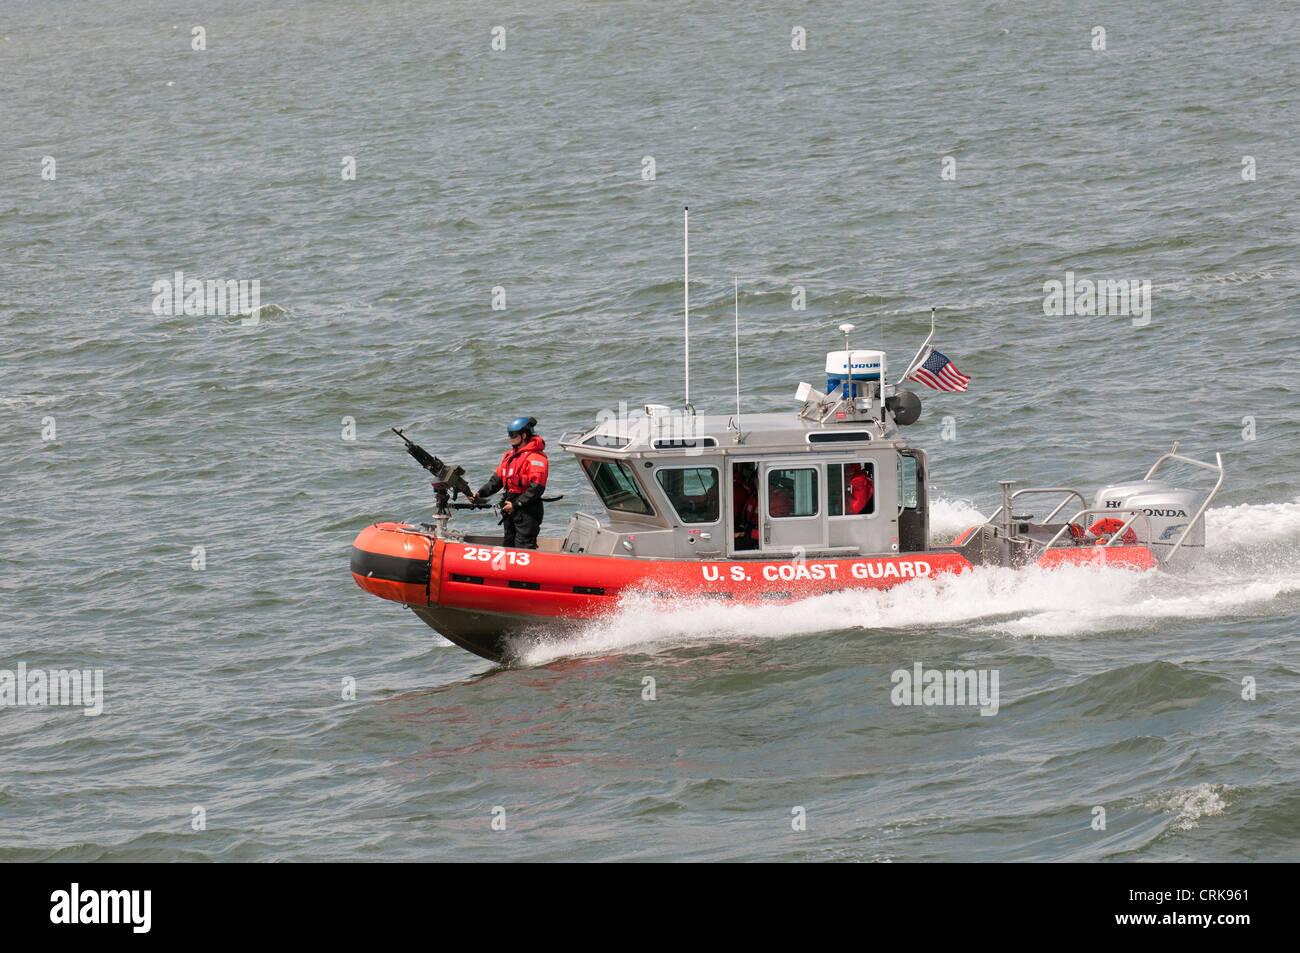 US Coast Guard patrol boat on New York Harbor NY USA - Stock Image